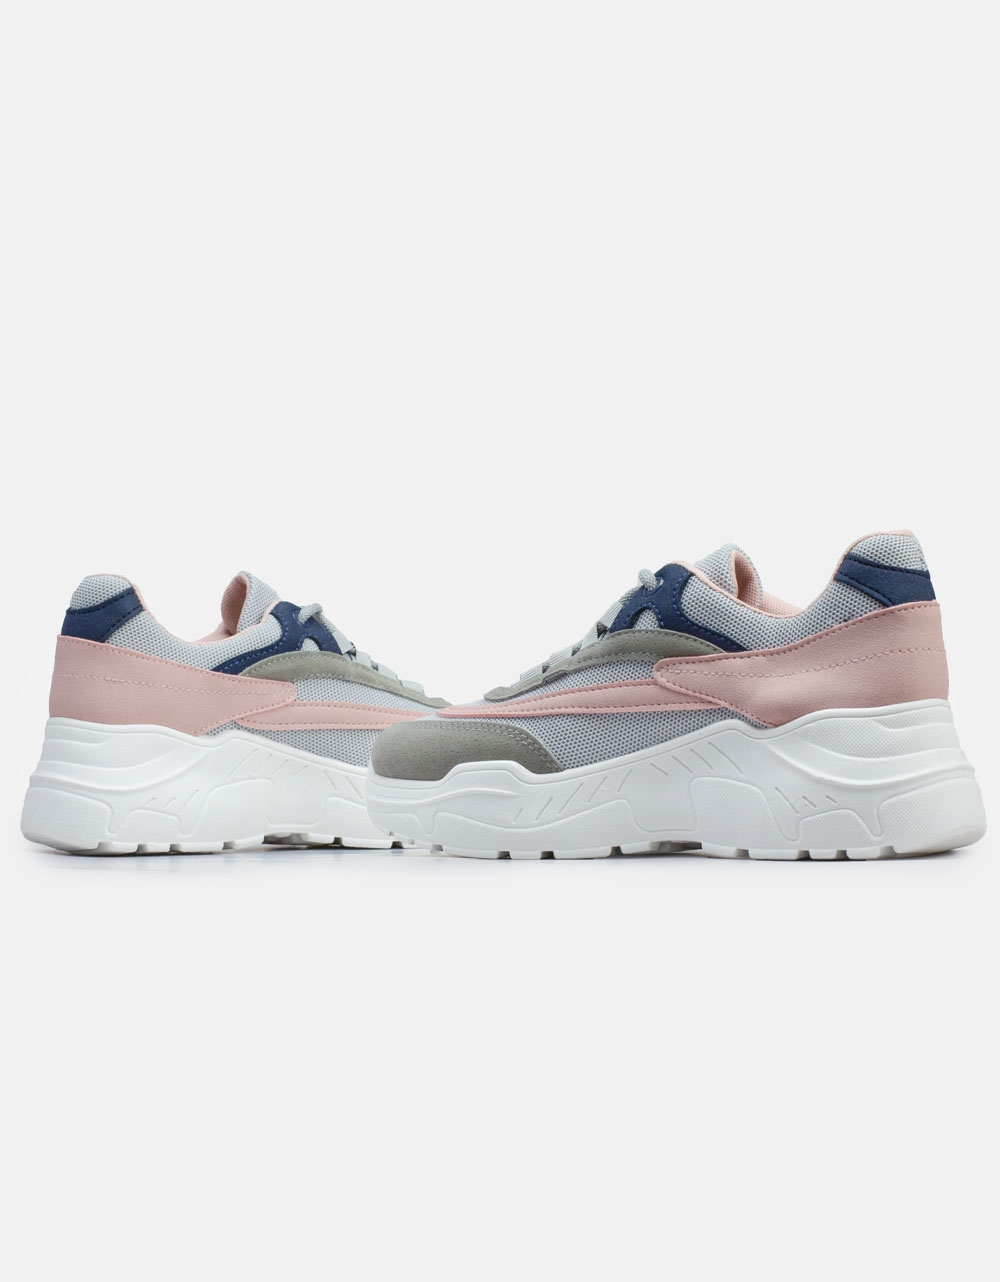 Εικόνα από Γυναικεία sneakers με δίχρωμο σχέδιο Γκρι/Ροζ